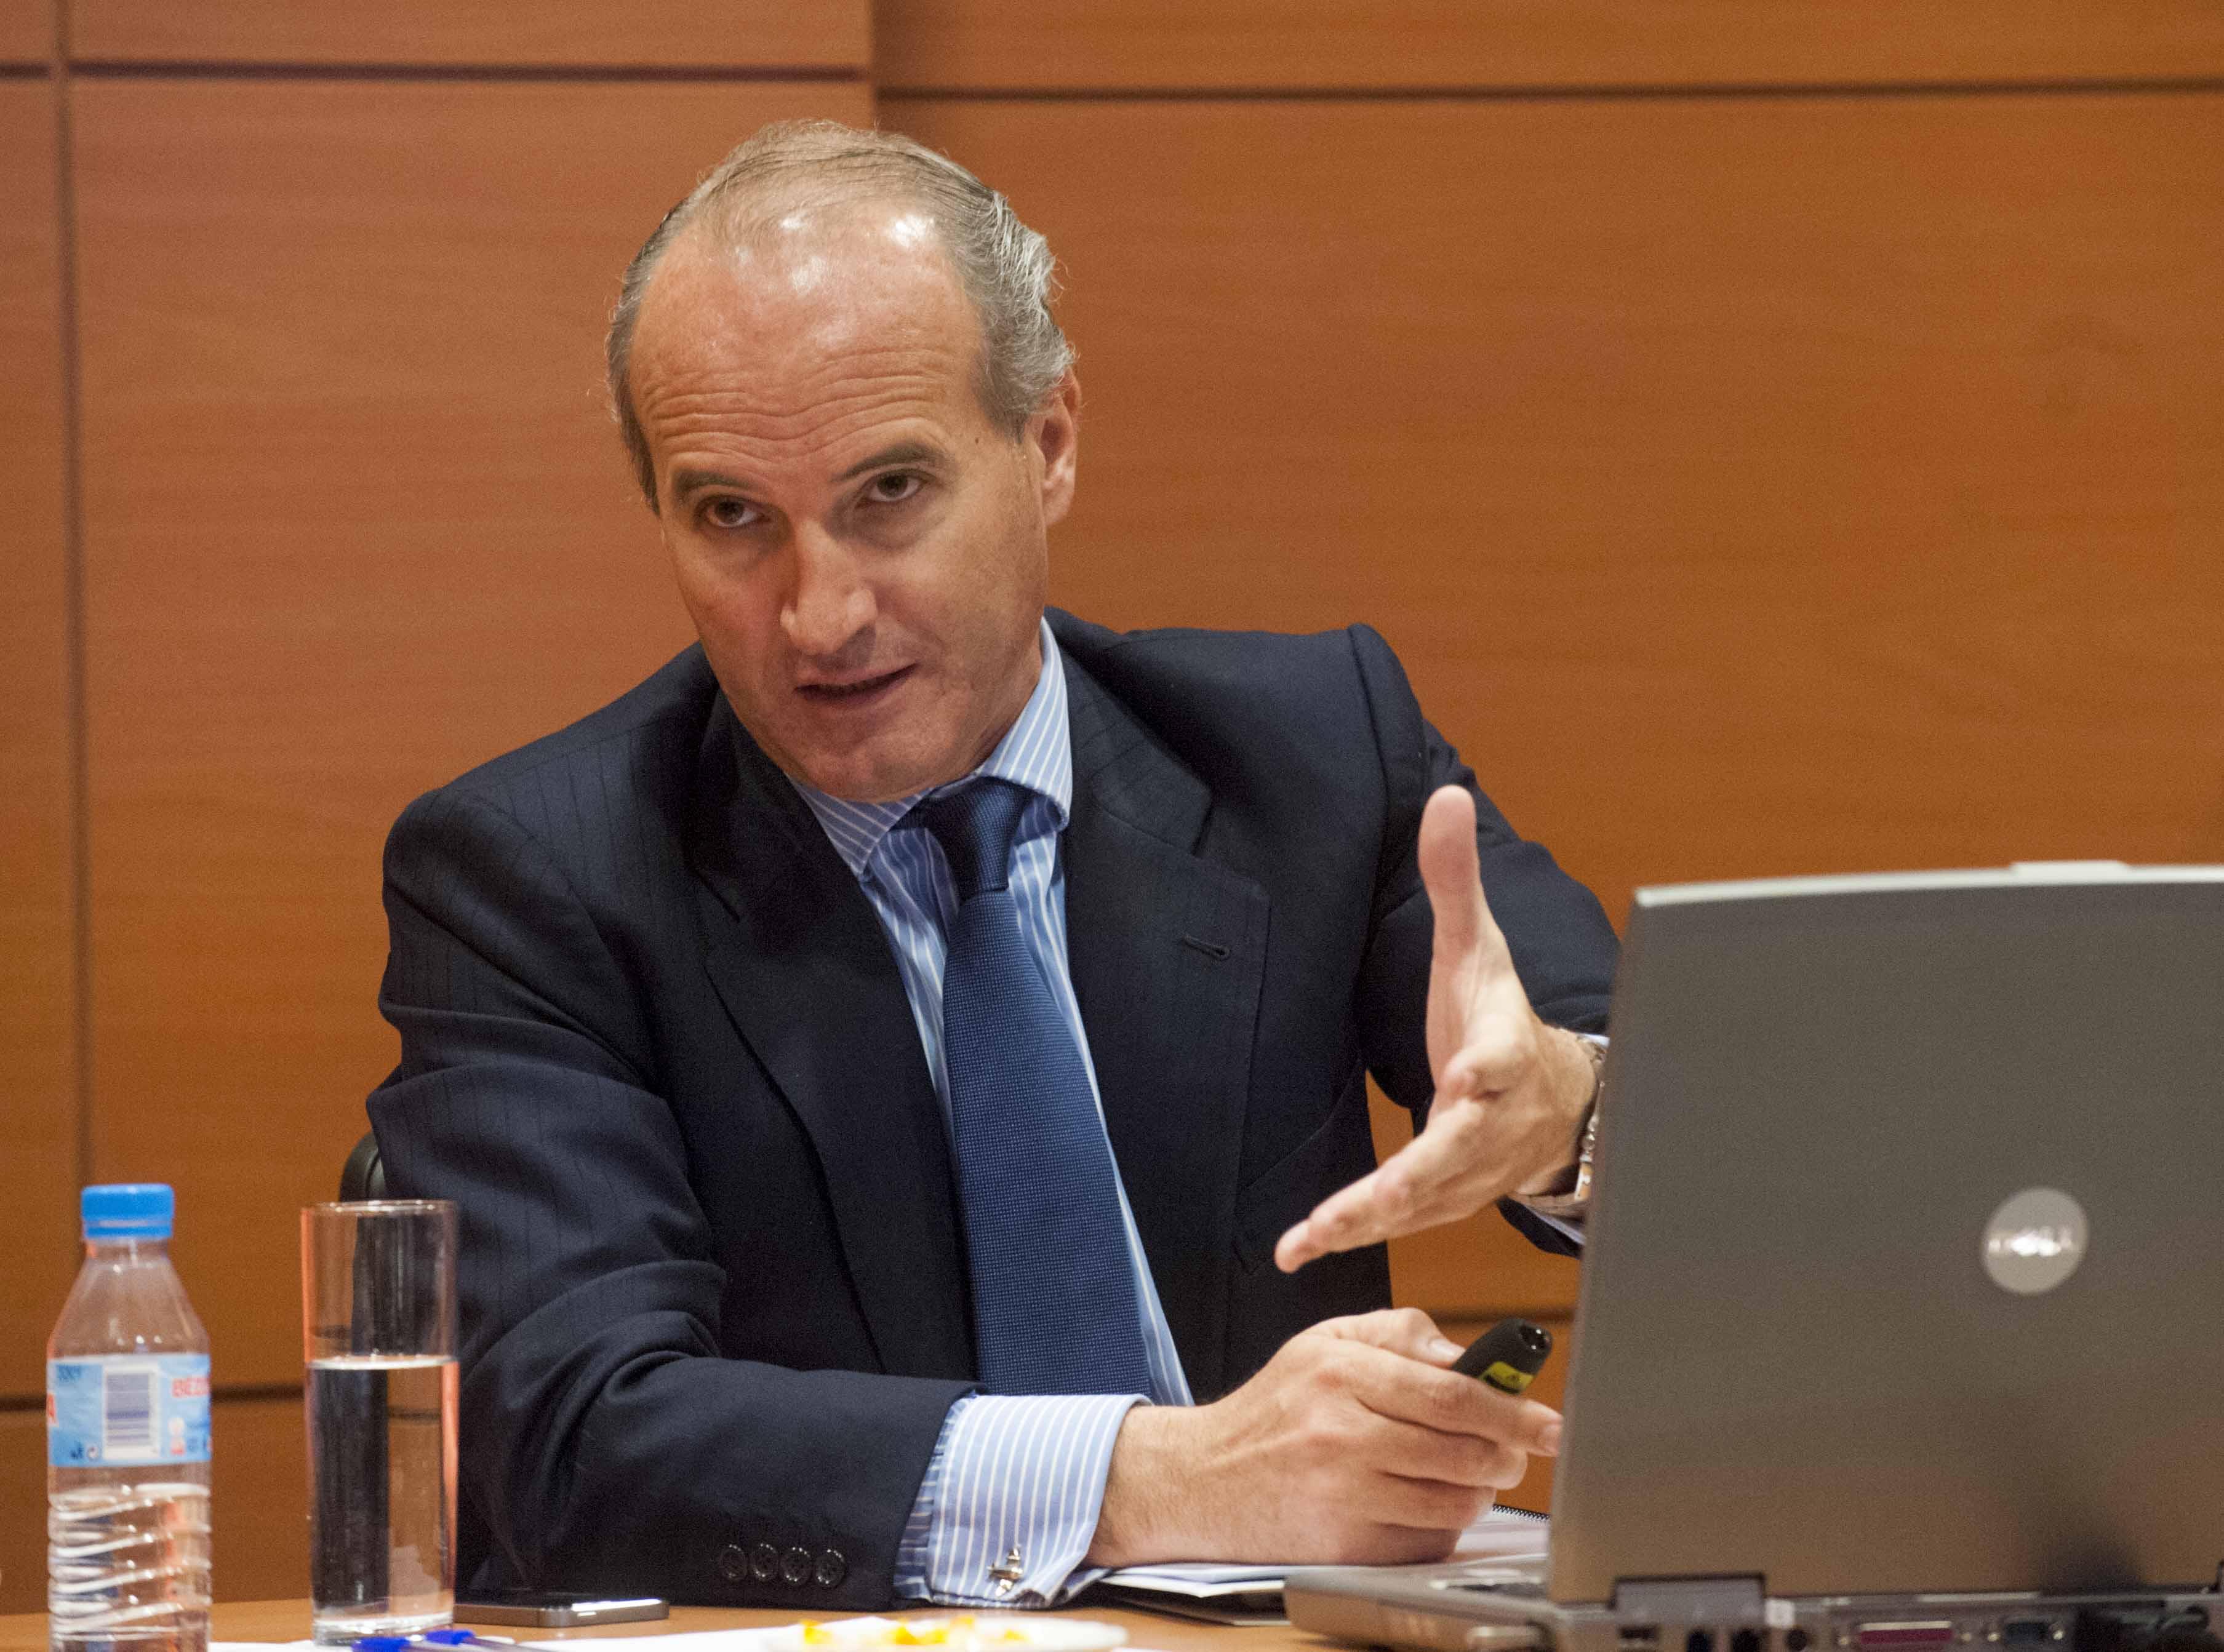 Un momento de la intervención de Julián Núñez en la primera jornada del Curso de Economía para periodistas organizado por APIE.